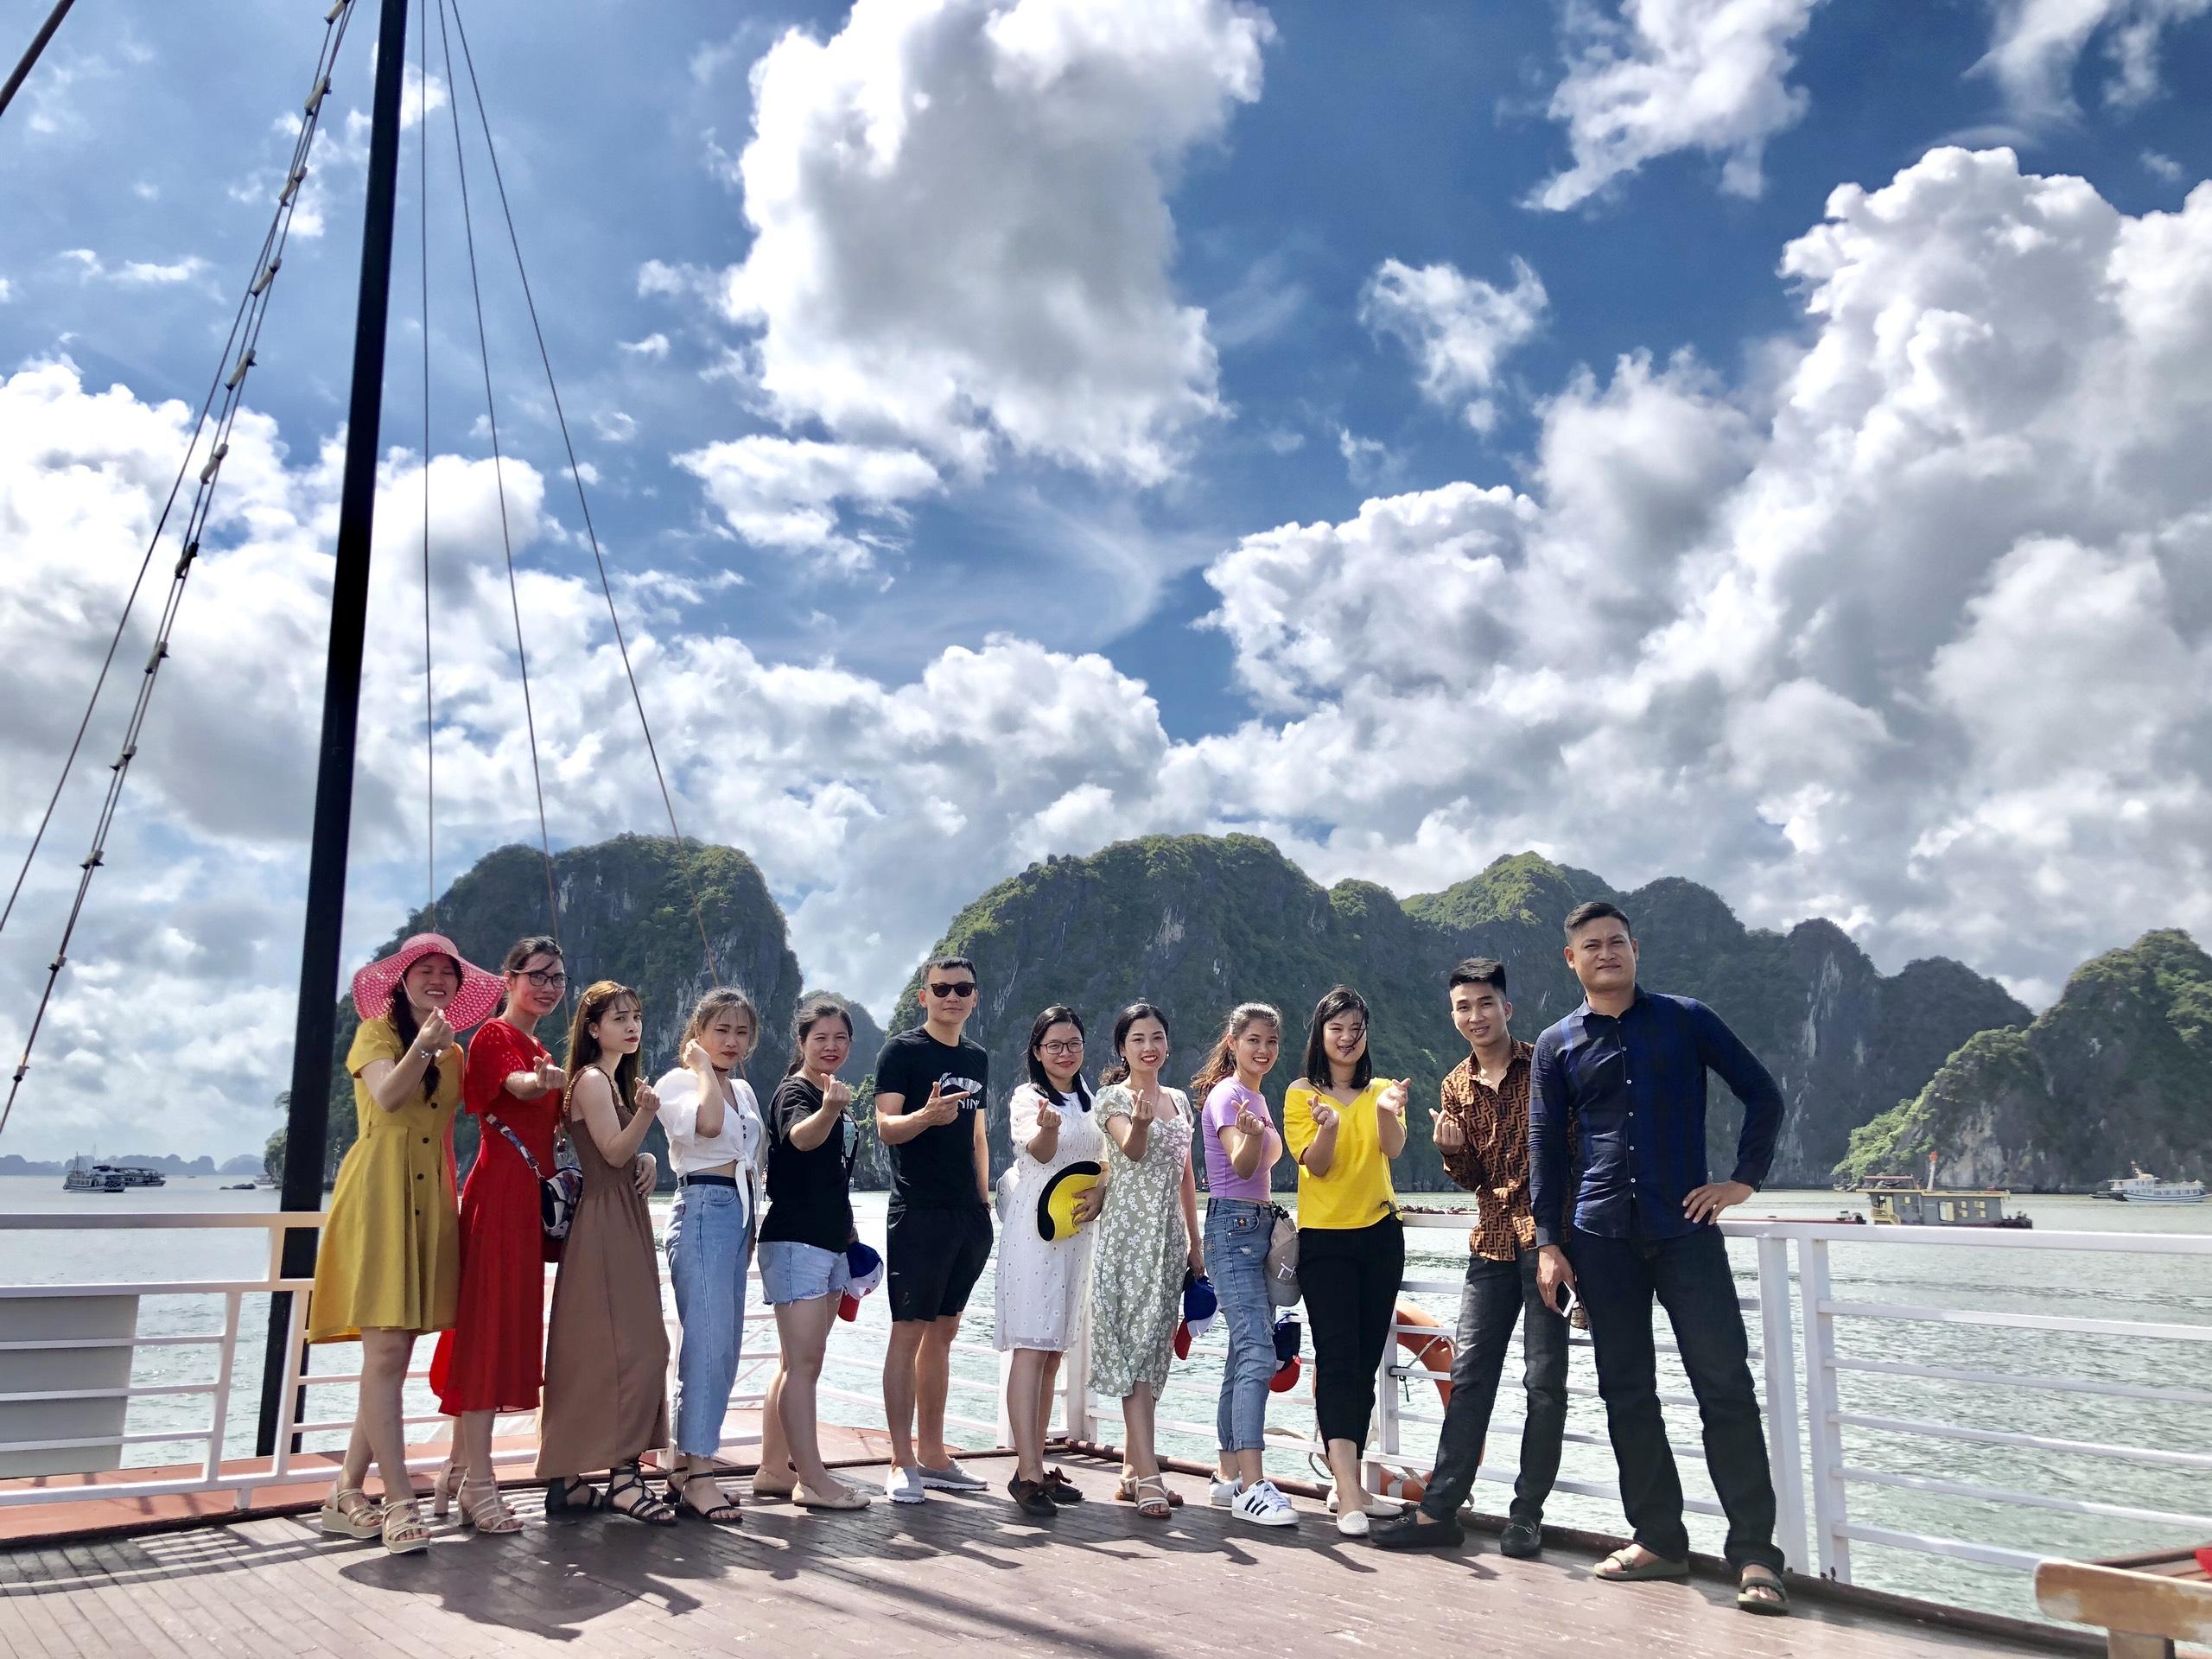 Du thuyền tham quan Vịnh Hạ Long